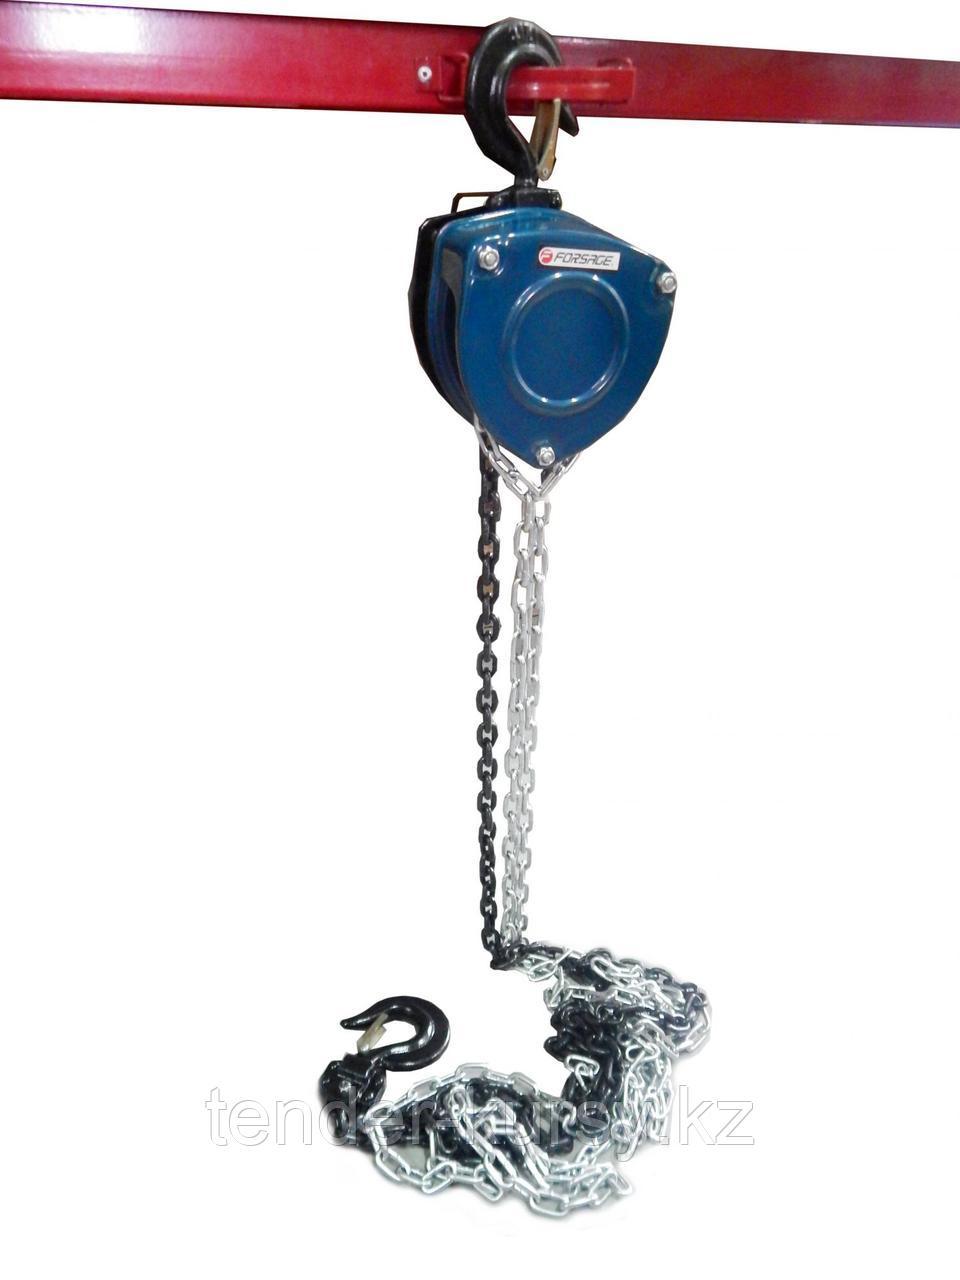 Forsage Лебедка механическая подвесная  с лепестковым механизмом фиксации цепи натяжения, 10т (длина цепи -